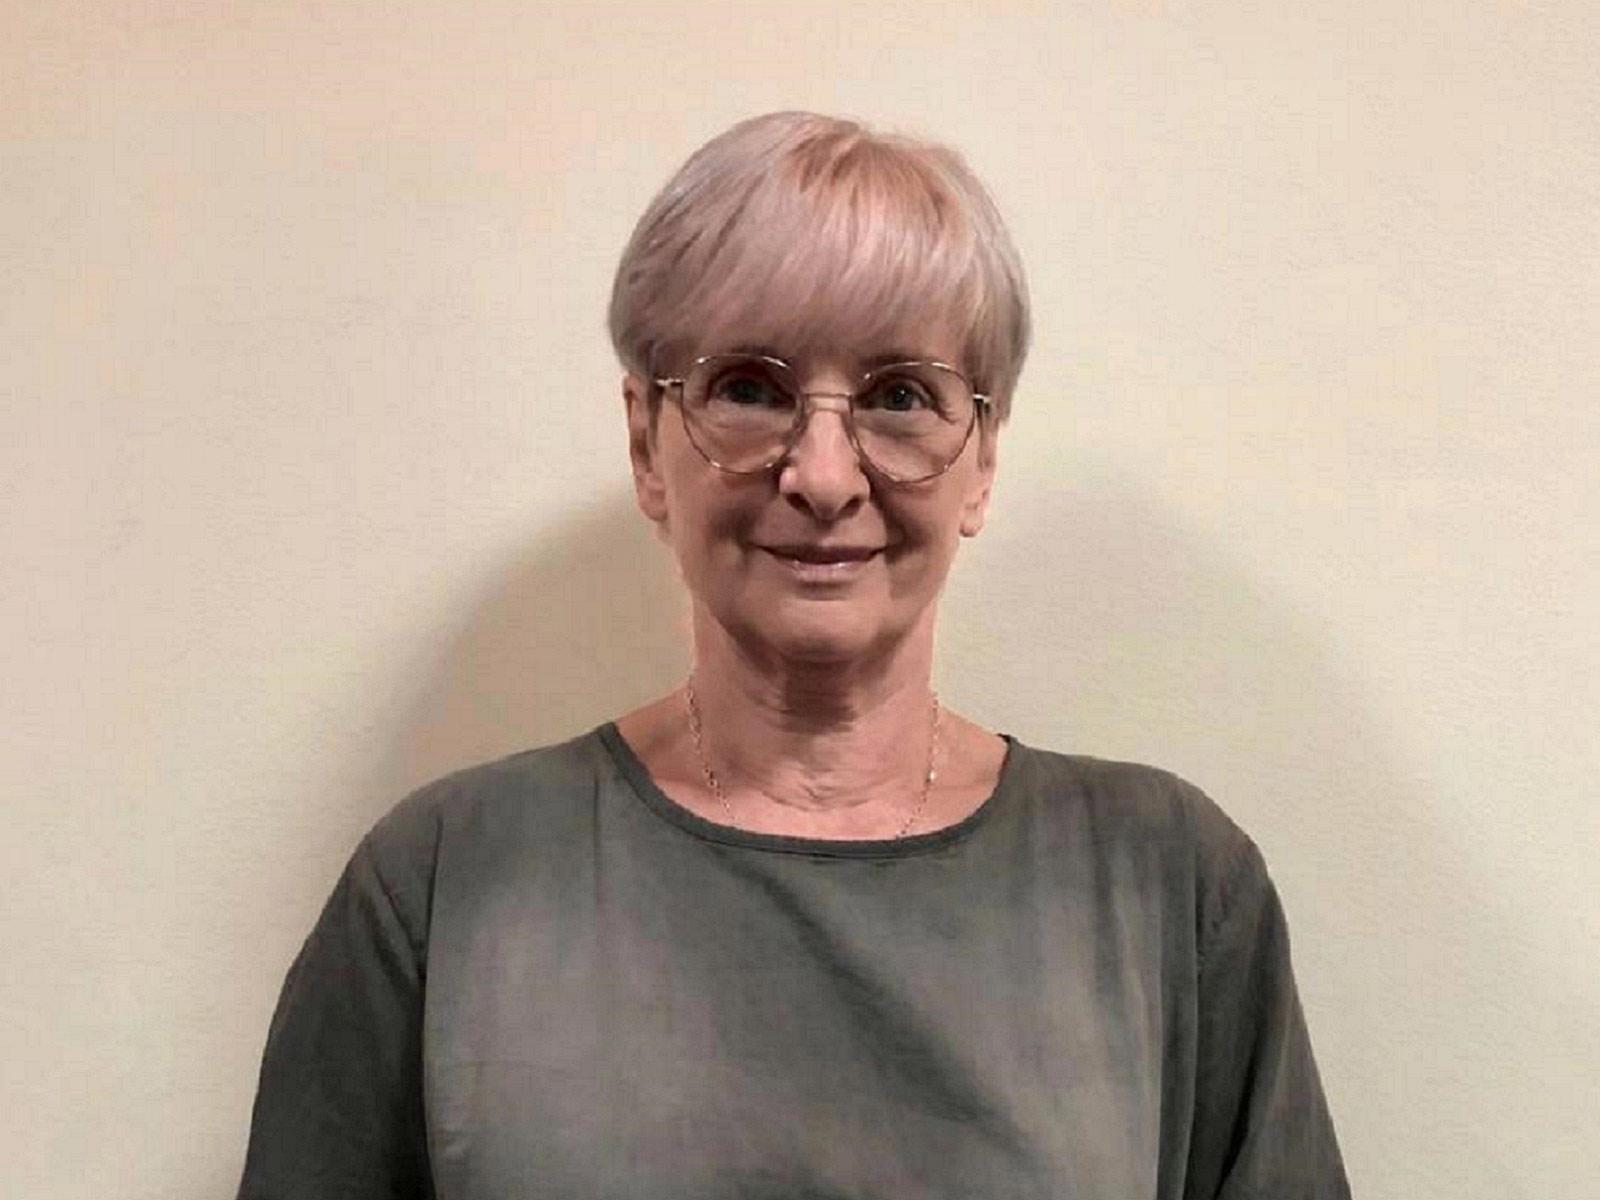 Анна Гайкалова - педагог, психолог, практический психофизиолог